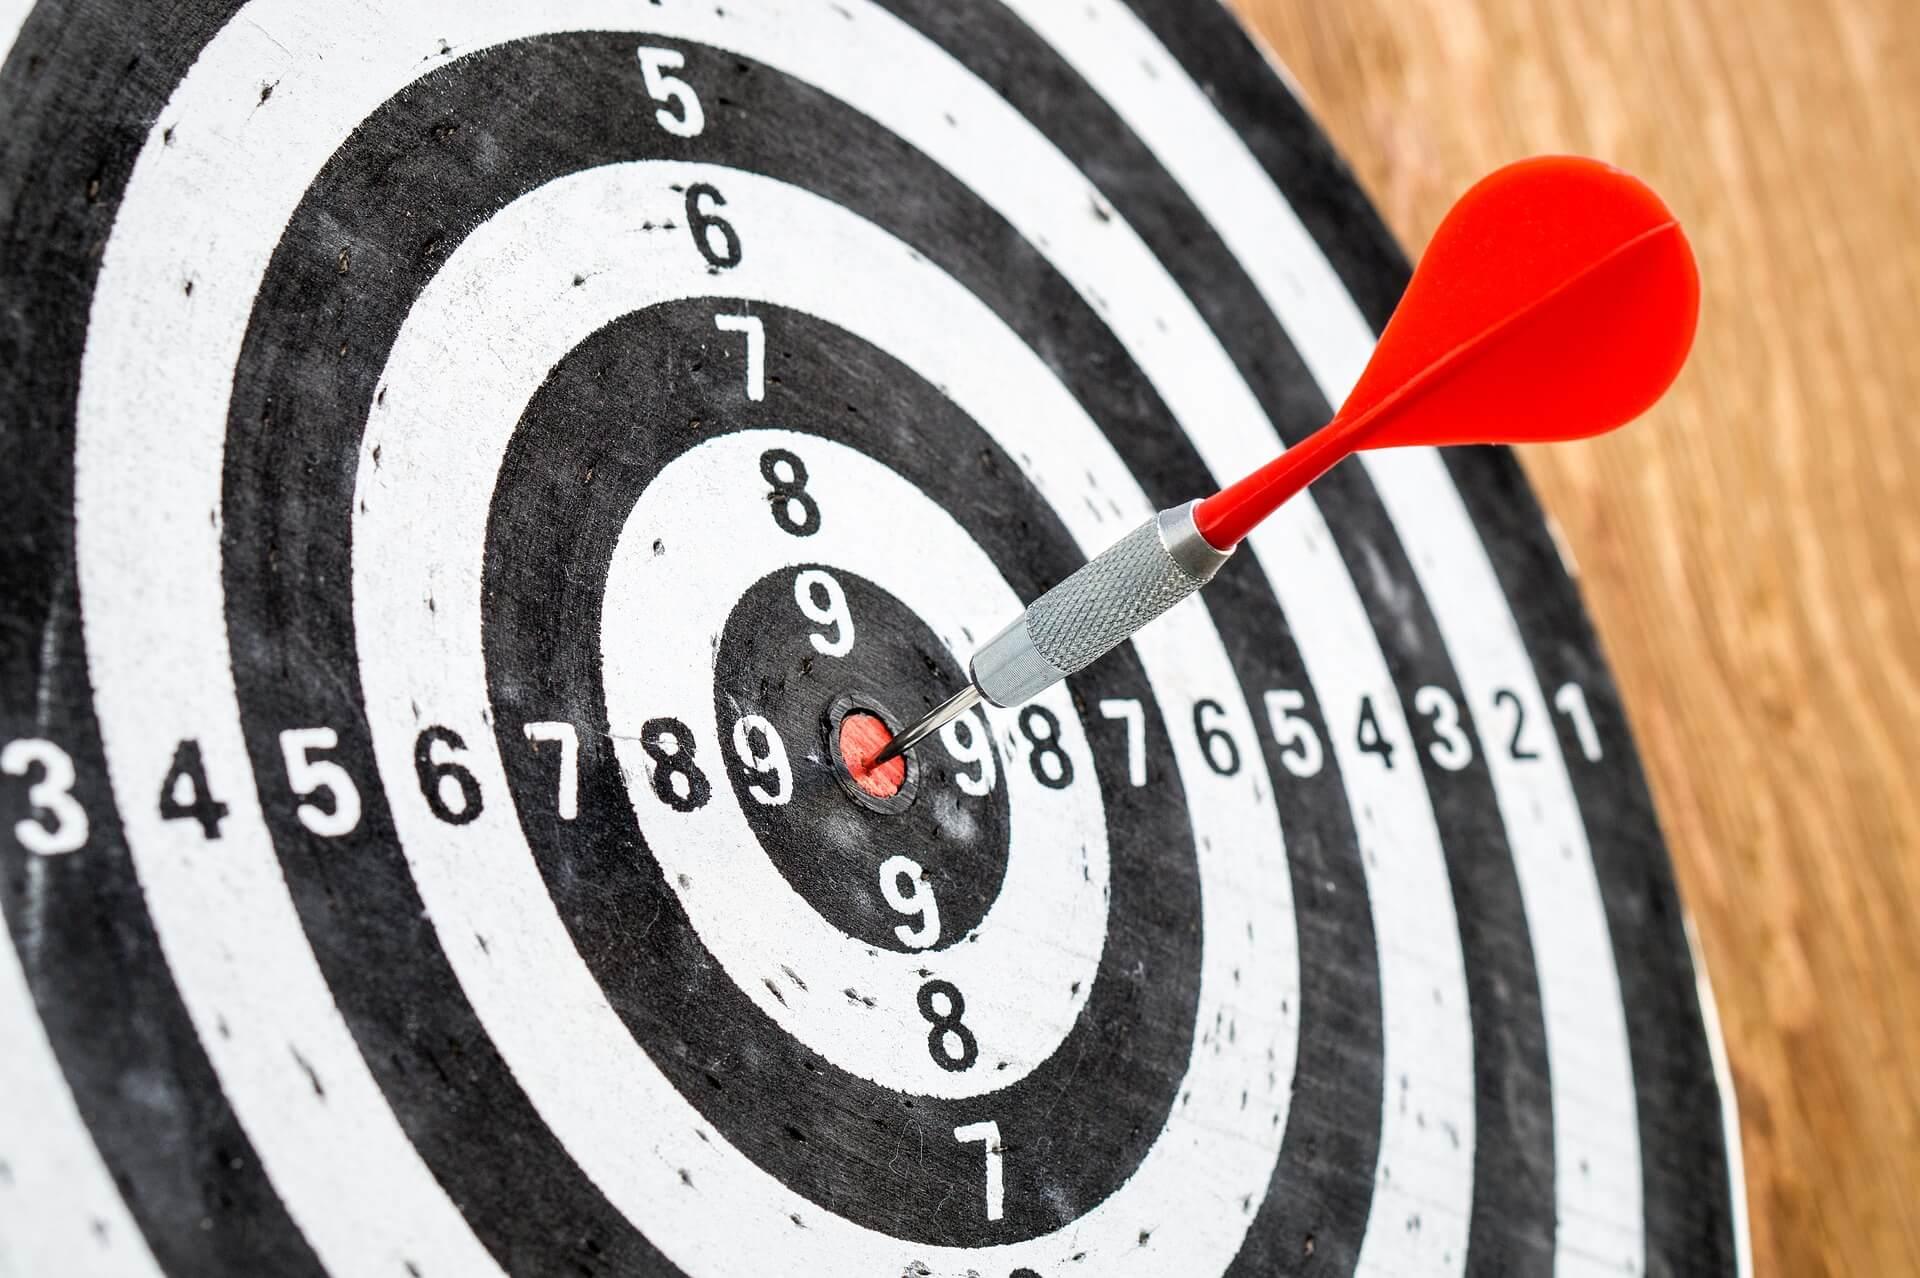 Lege effektive Ziele für Deine Website fest